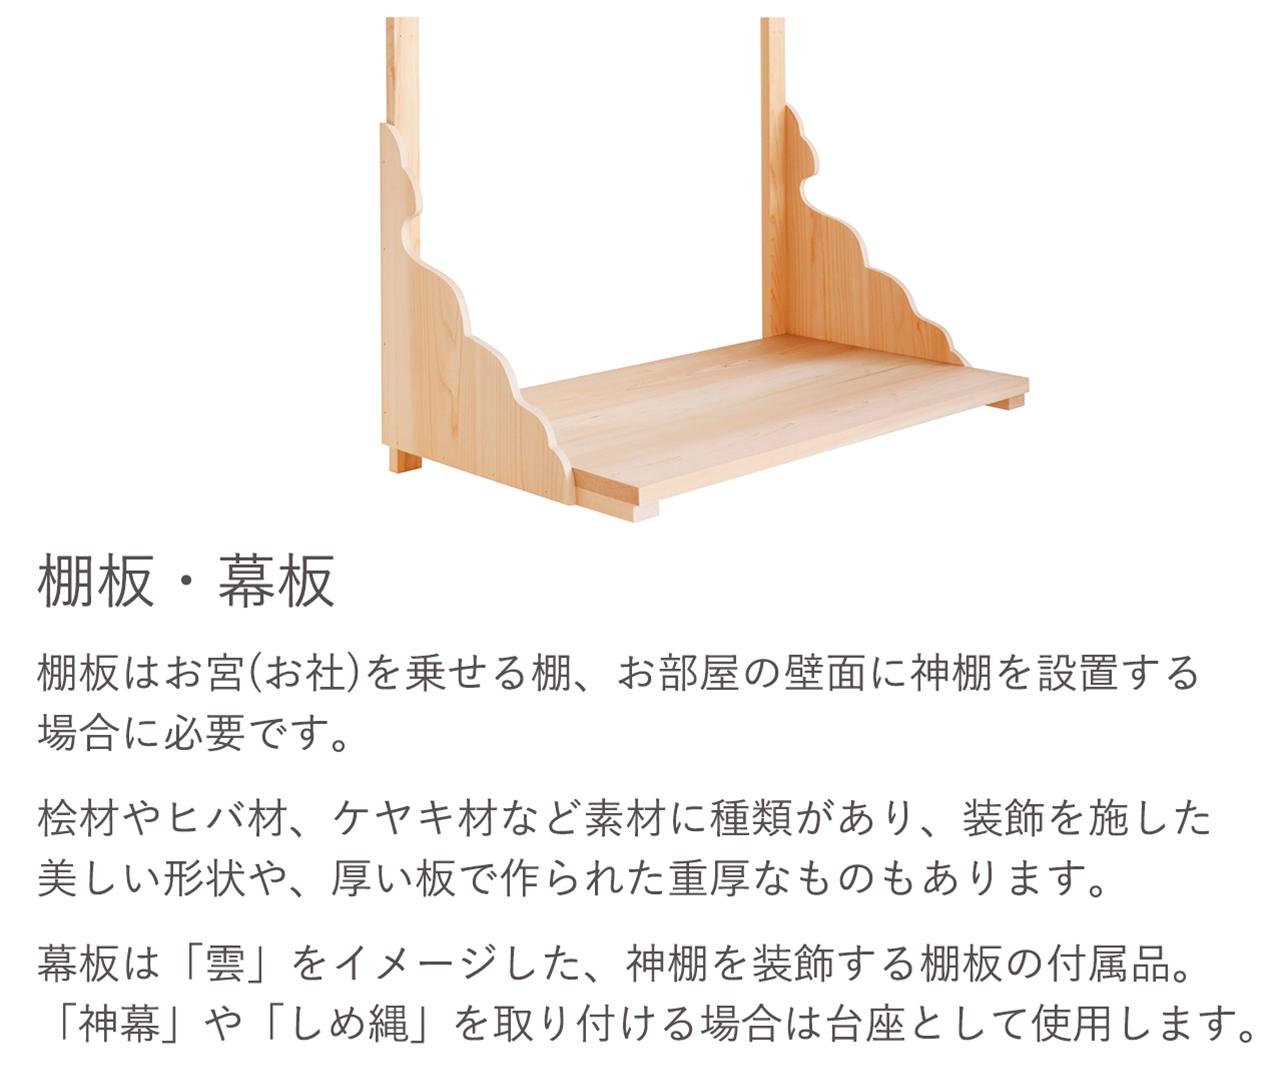 棚板はお宮(お社)を乗せる棚、お部屋の壁面に神棚を設置する場合に必要です。幕板は「雲」をイメージした、神棚を装飾する棚板の付属品、「神幕」や「しめ縄」を取り付ける場合は台座として使用します。